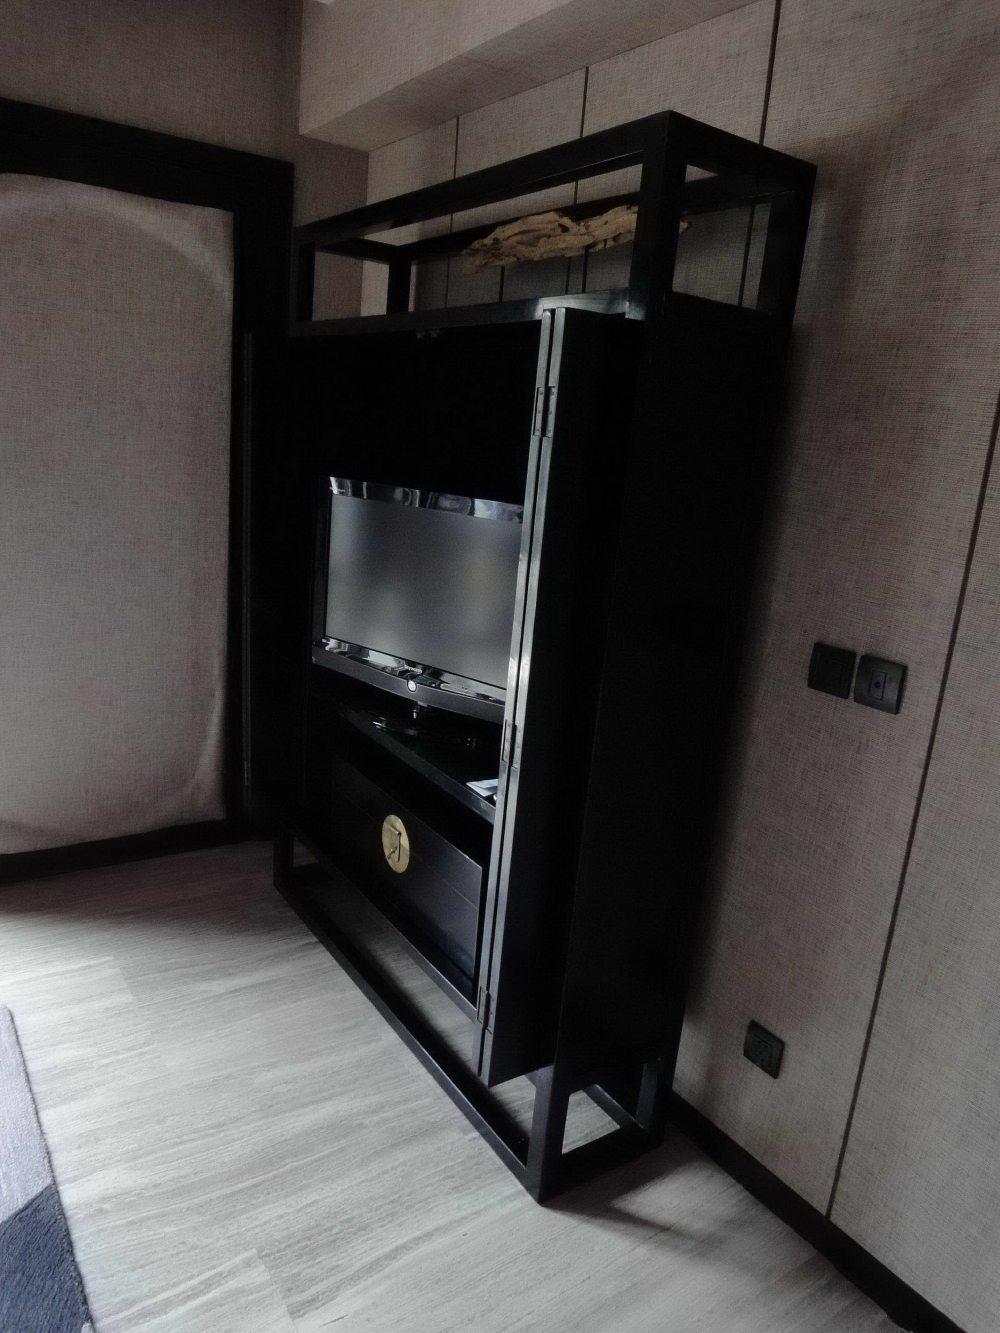 云南丽江铂尔曼渡假酒店(Lijiang Pullman Hotel)(CCD)(第8页更新)_DSC05184.jpg